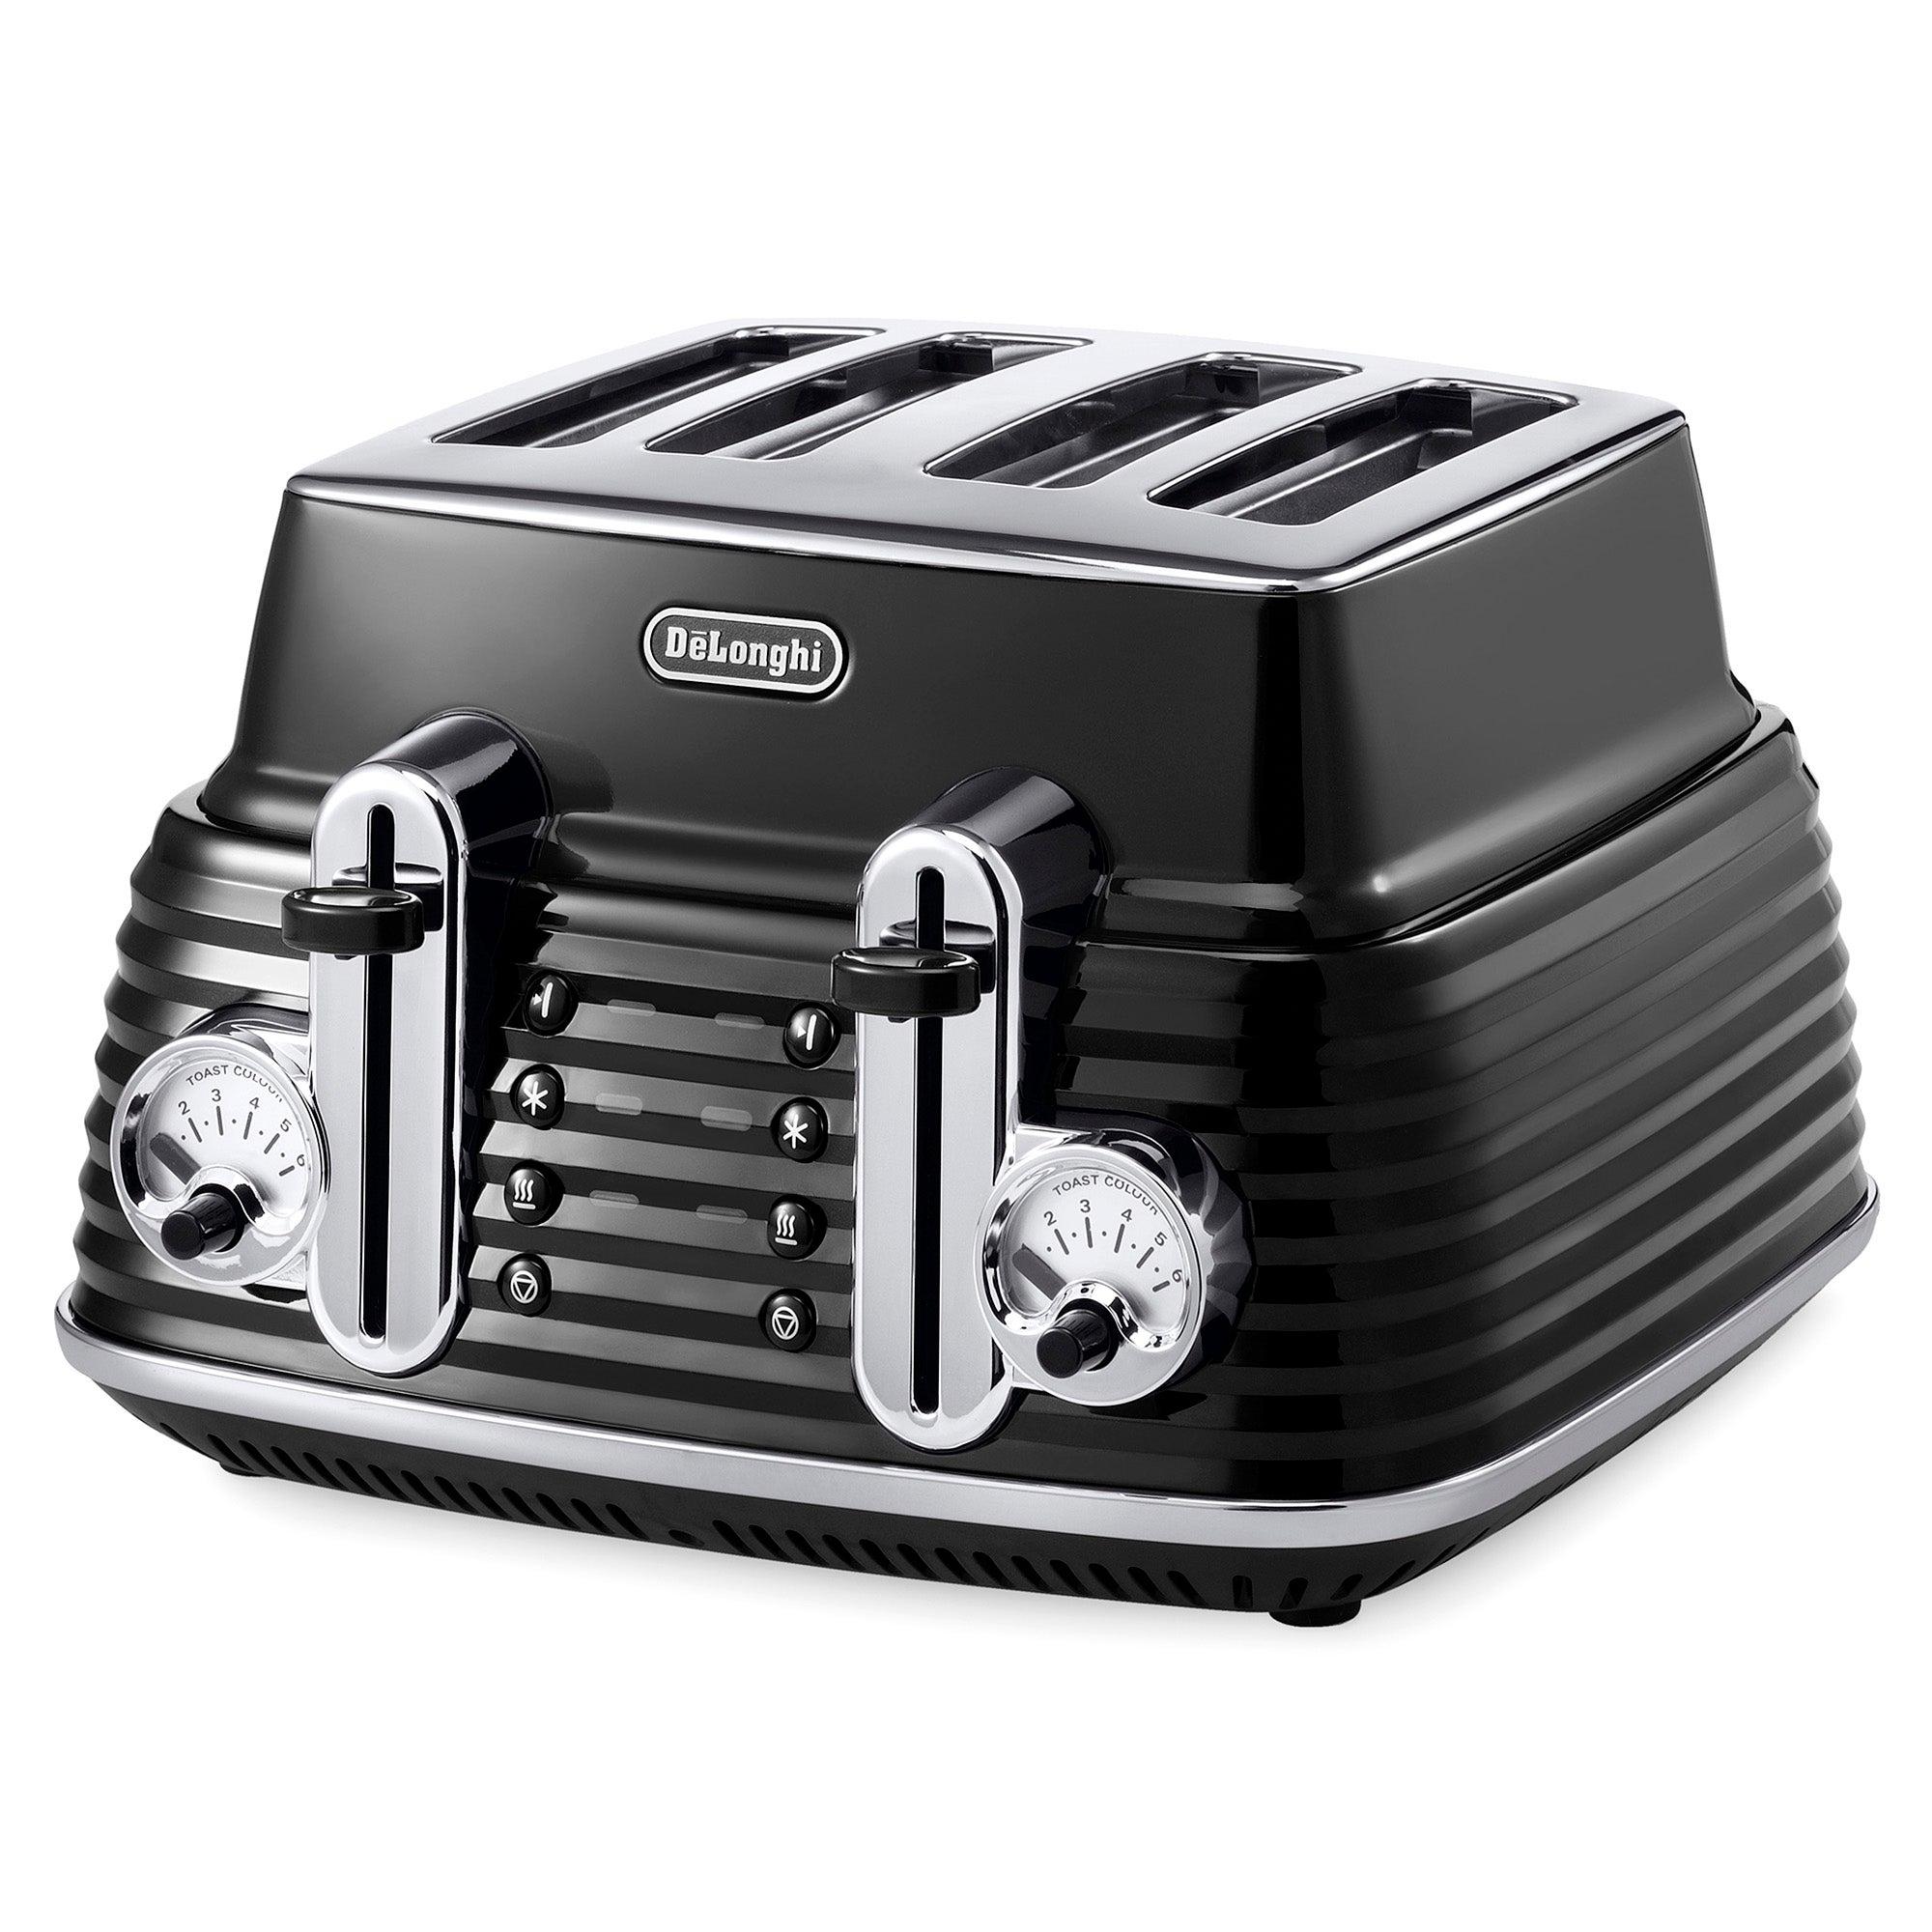 DeLonghi Scultura CTZ4003 Black Toaster